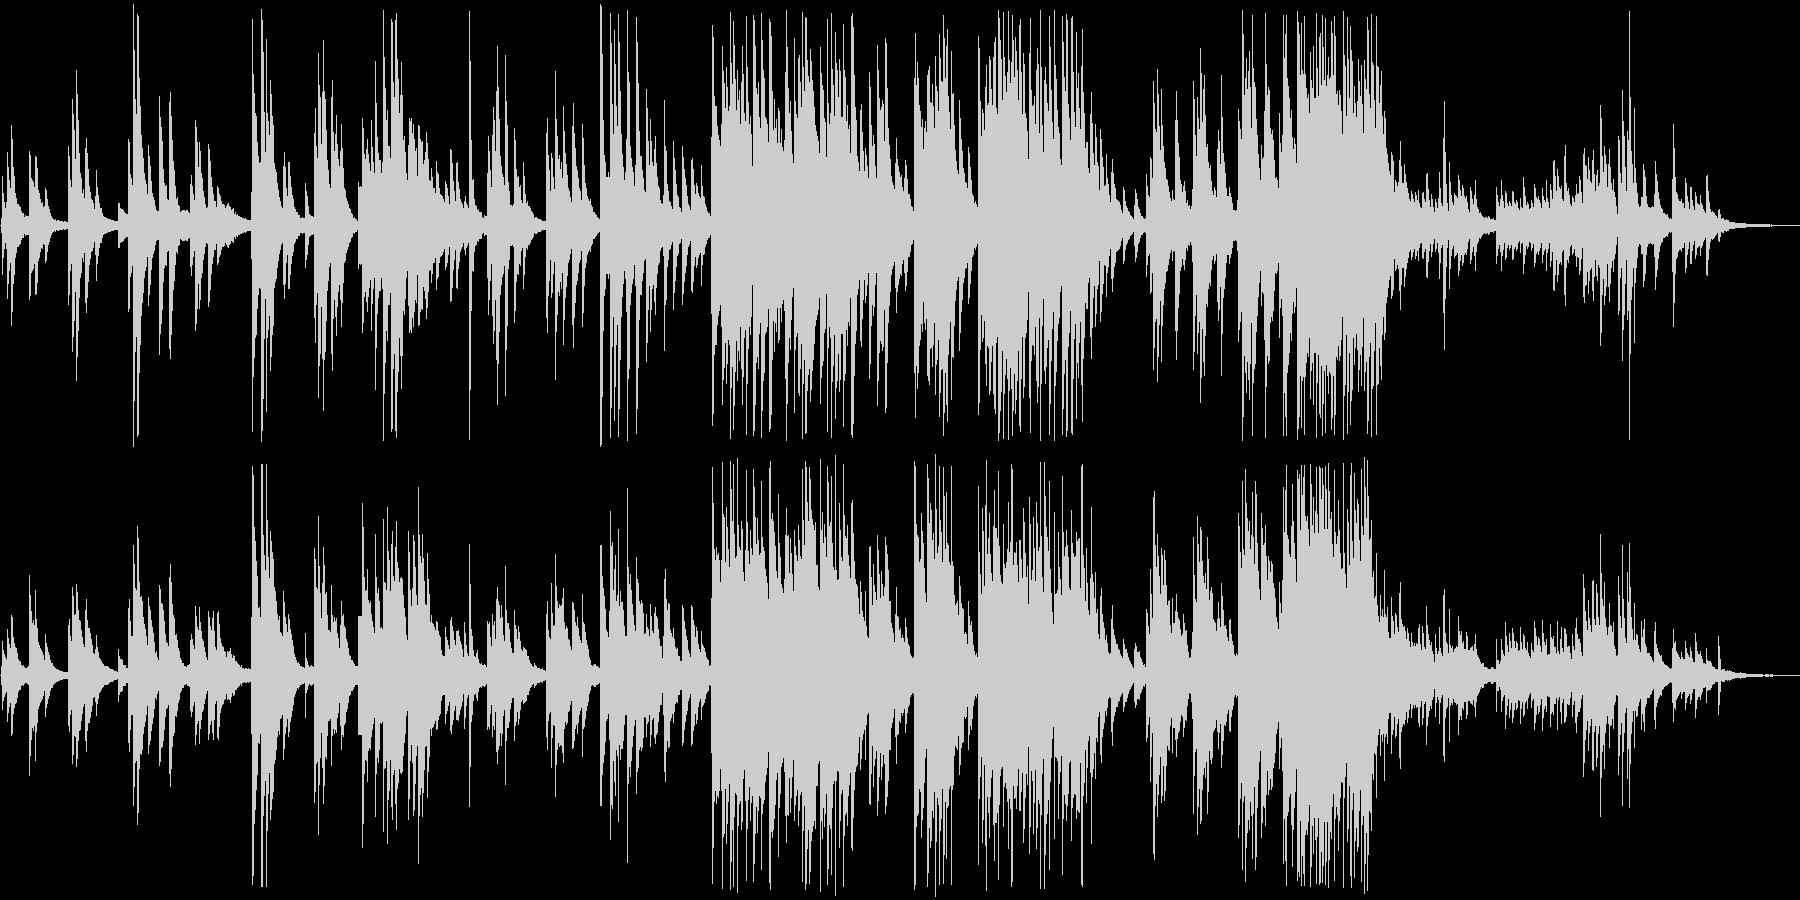 清らかなピアノの音色のリラクゼーションの未再生の波形